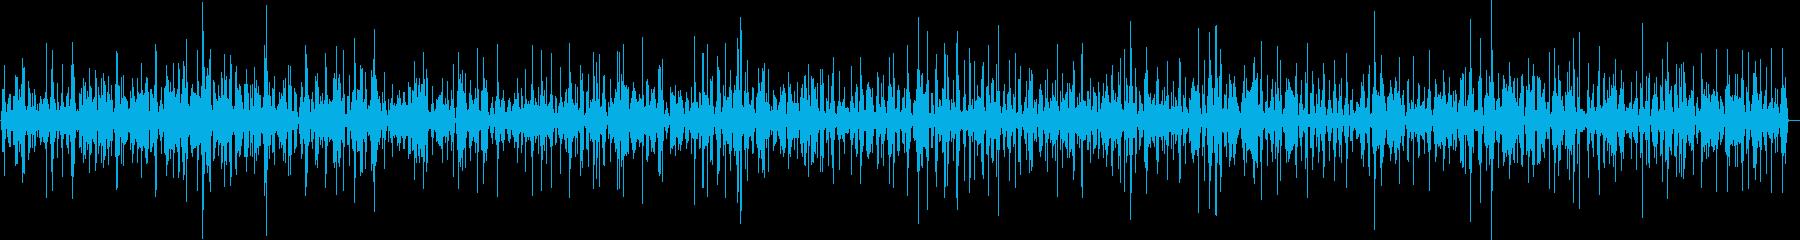 シンセ;データ処理1;完全にランダ...の再生済みの波形